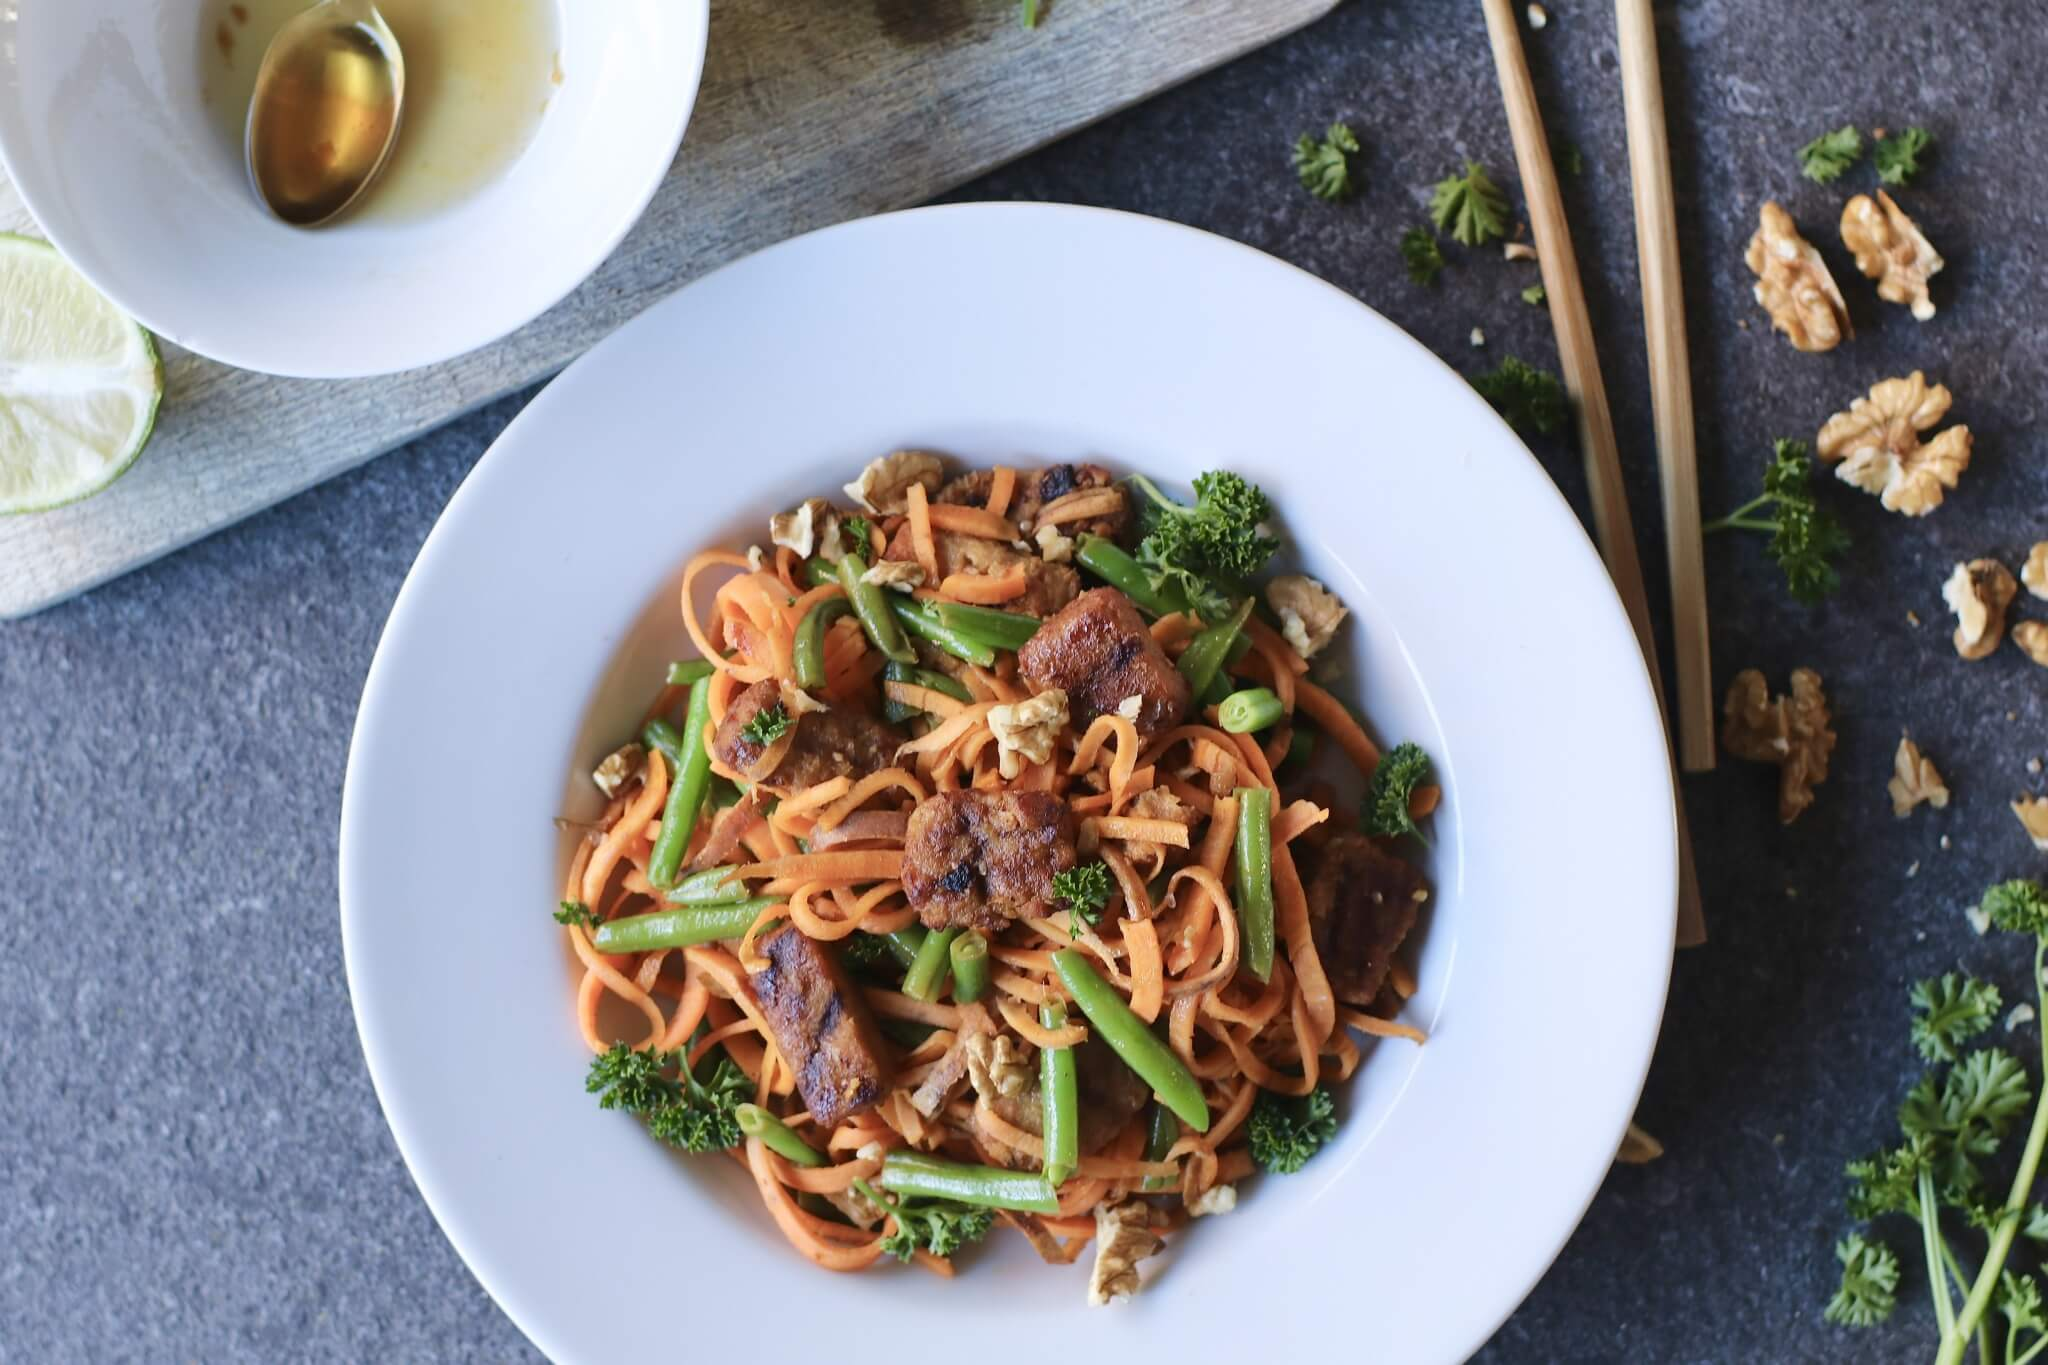 Oosterse wok noodles van zoete aardappel, Gezonde maaltijden, Slanke maaltijden, Vegetarische noodels, Beaufood recepten, Glutenvrije noodles, Koolhydraatarme noedels, Gezonde recepten